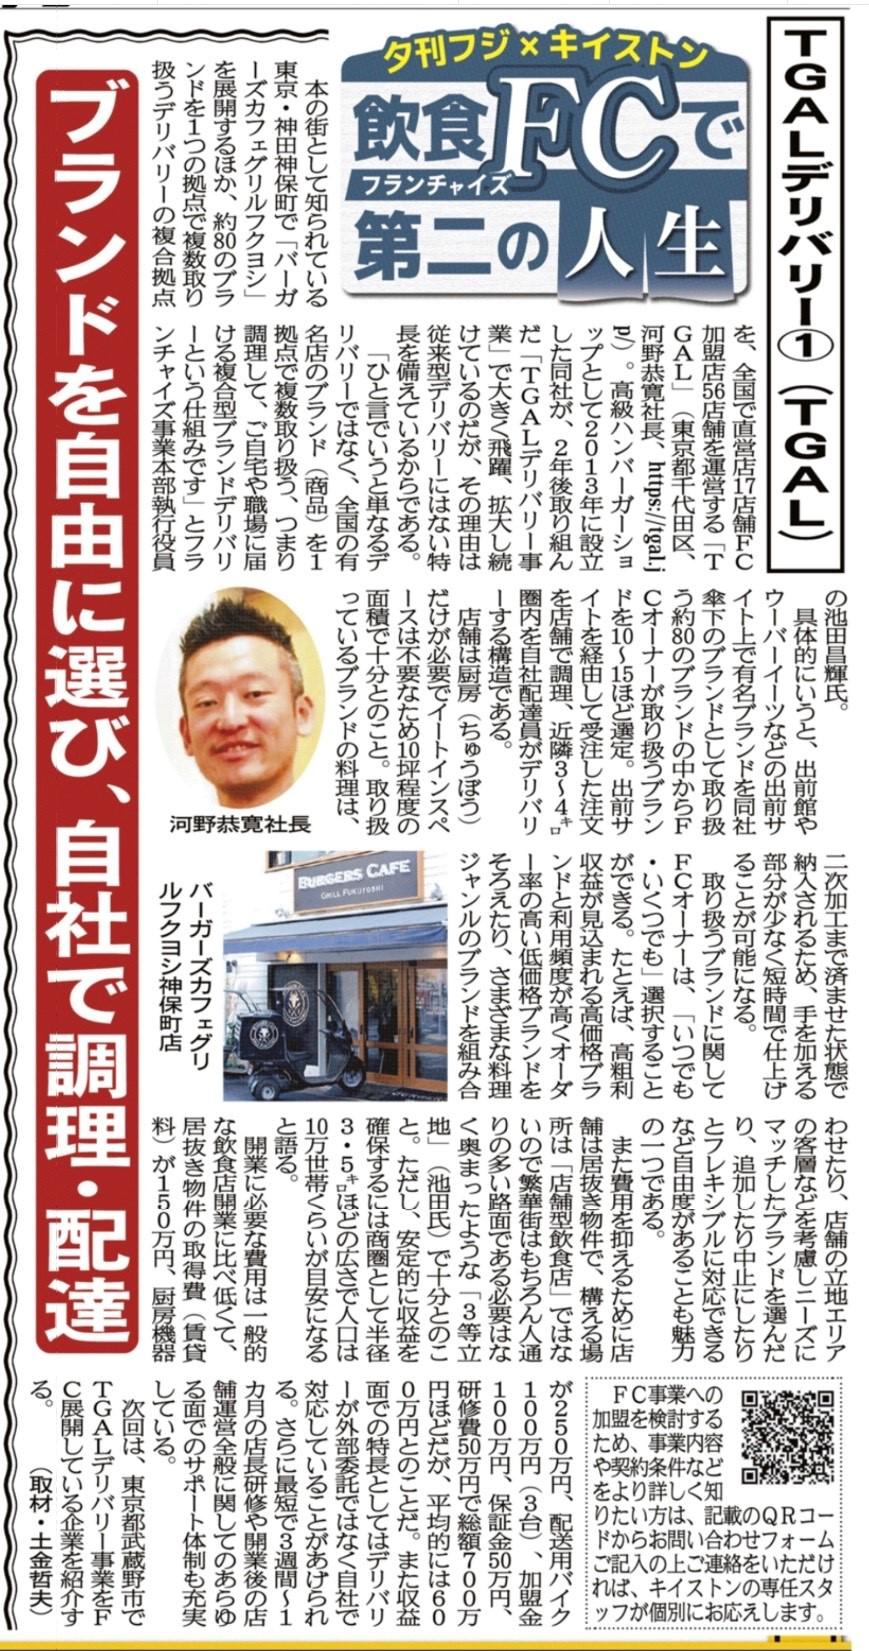 夕刊フジ様『飲食FCで第二の人生』に弊社TGALと代表河野恭寛の特集が掲載されました!